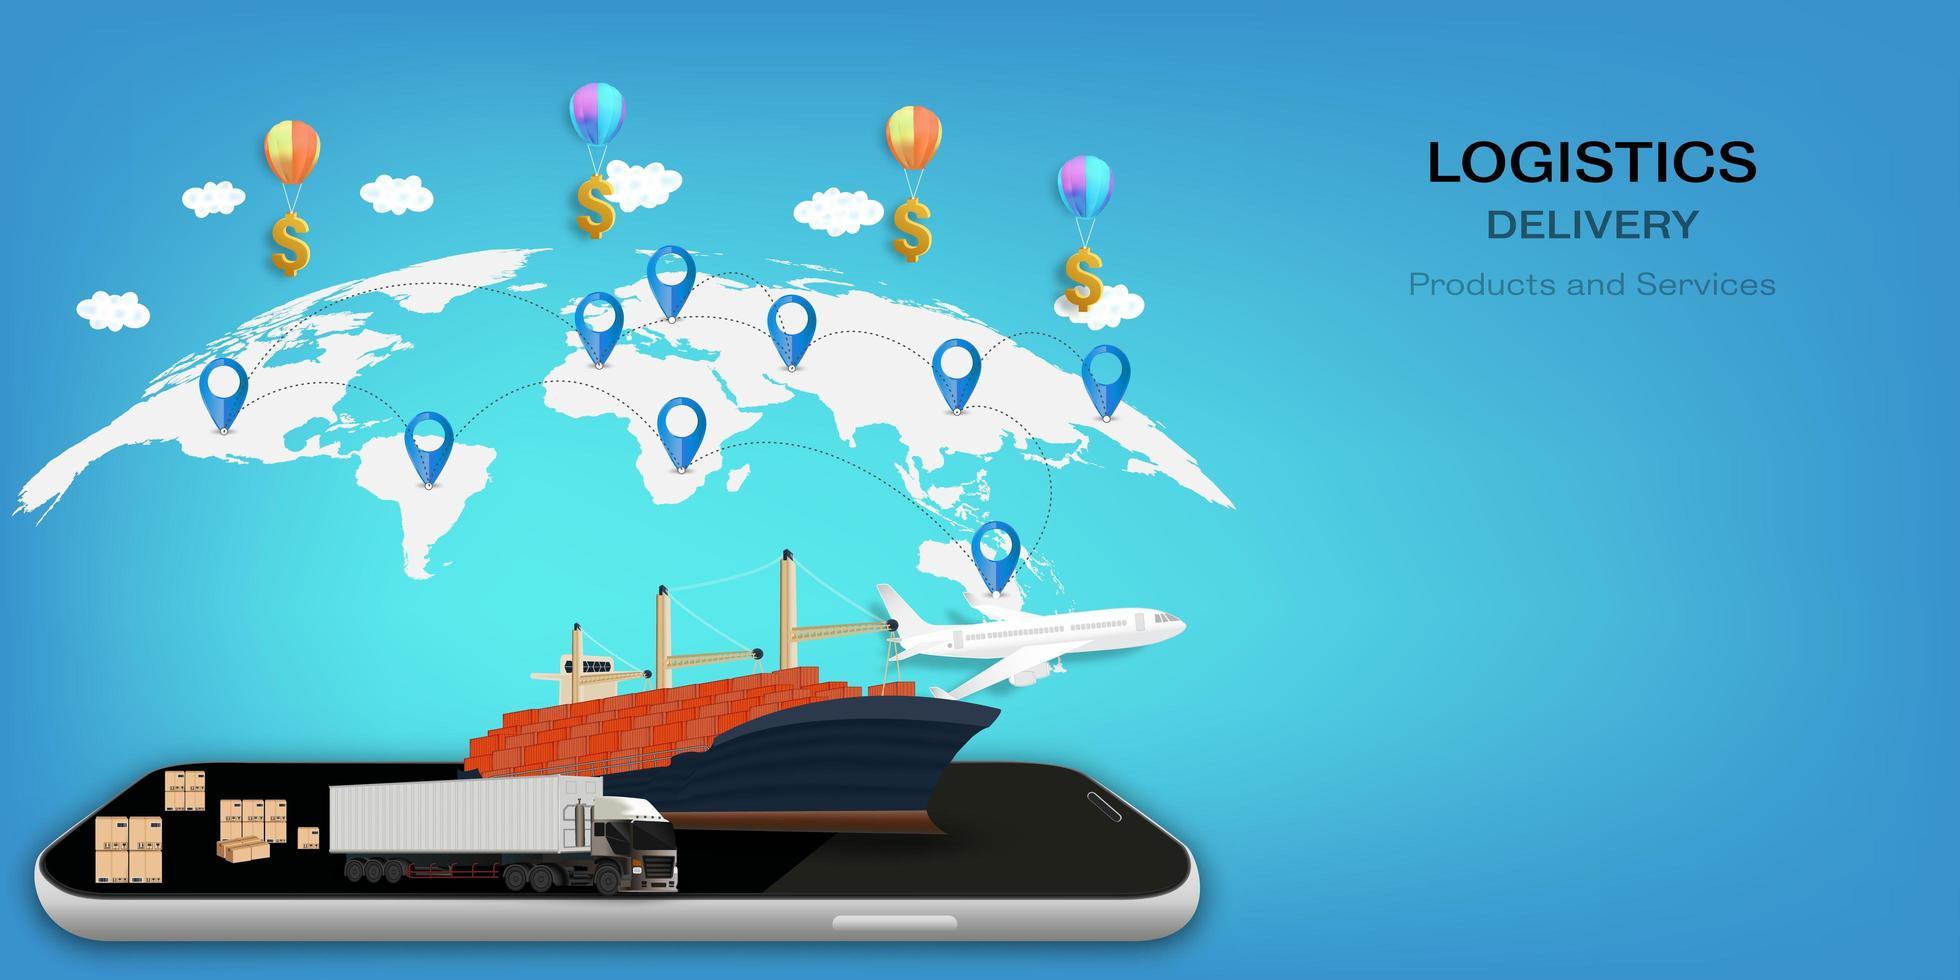 logistik på mobil och leveranskoncept vektor